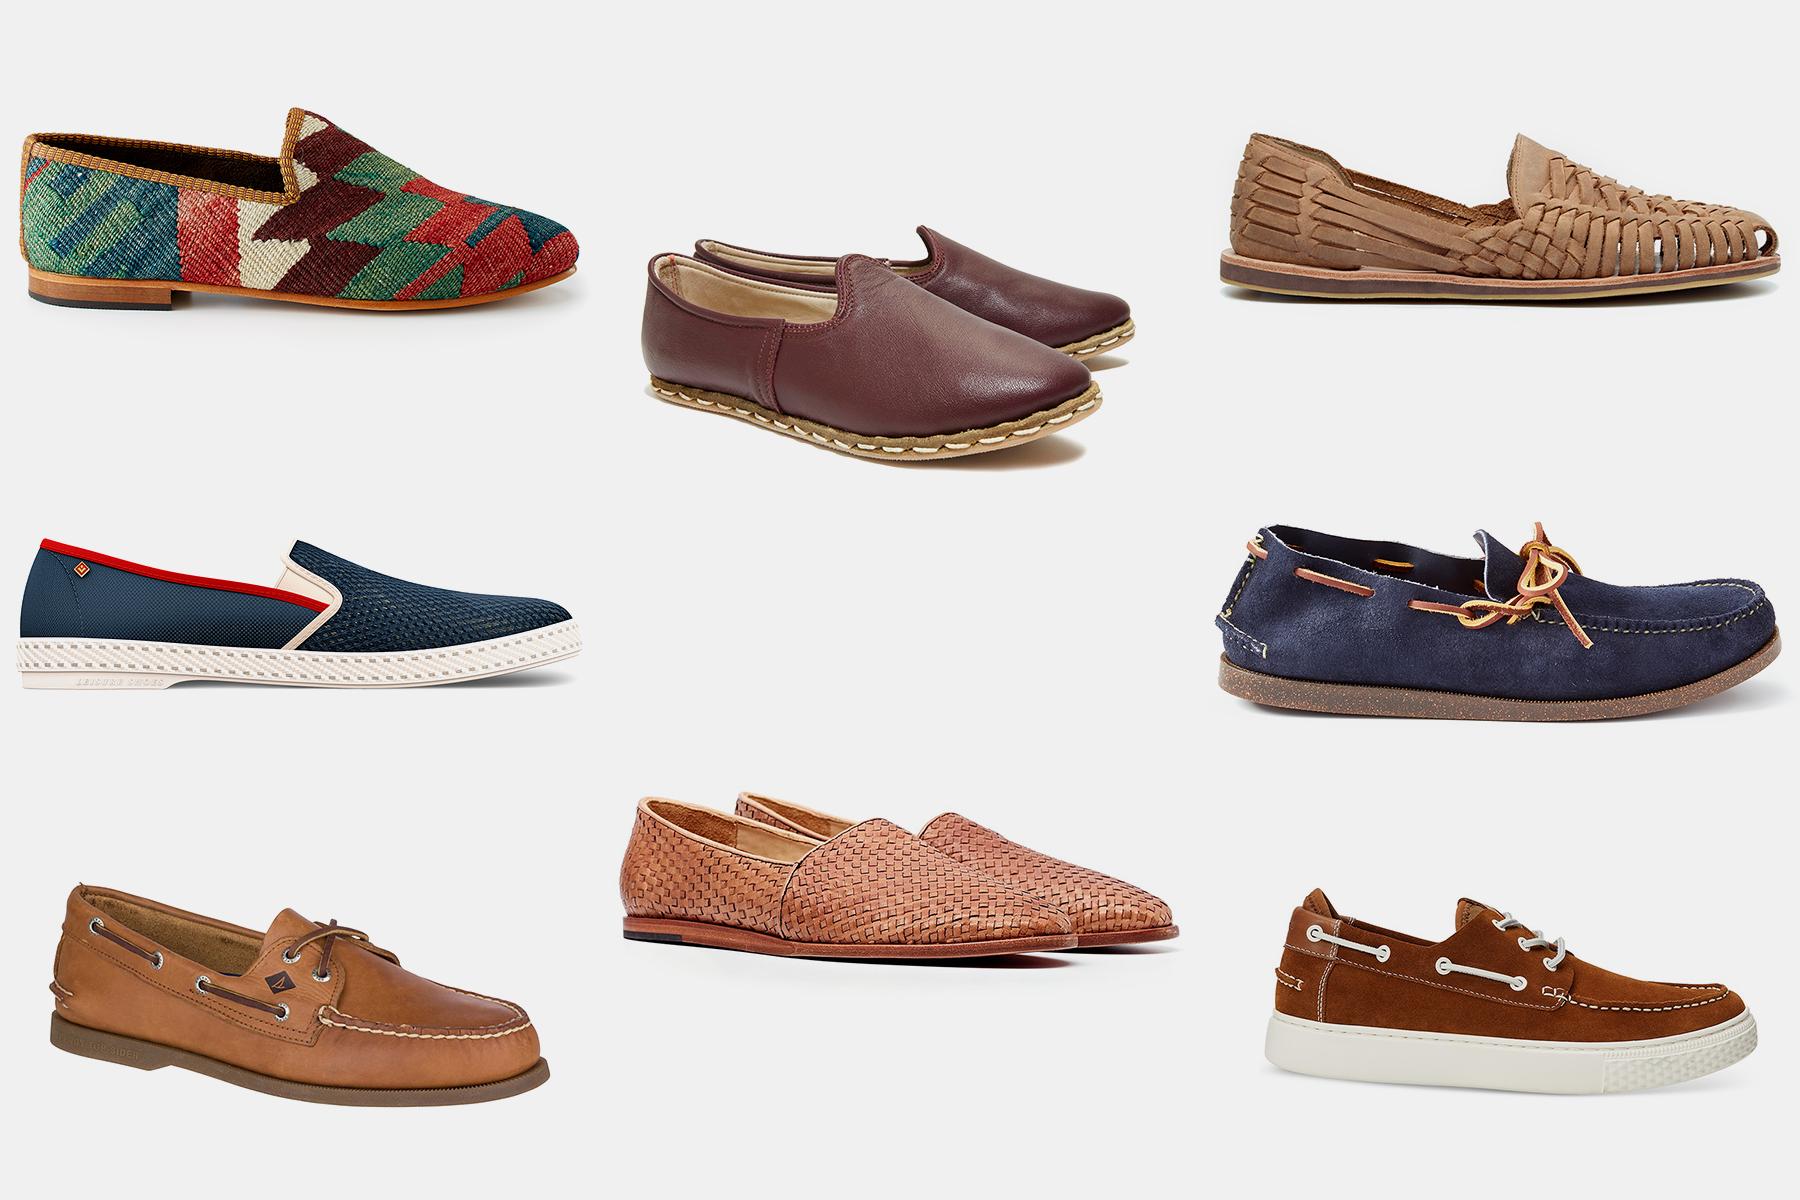 Best Summer Slip-On Shoes for Guys